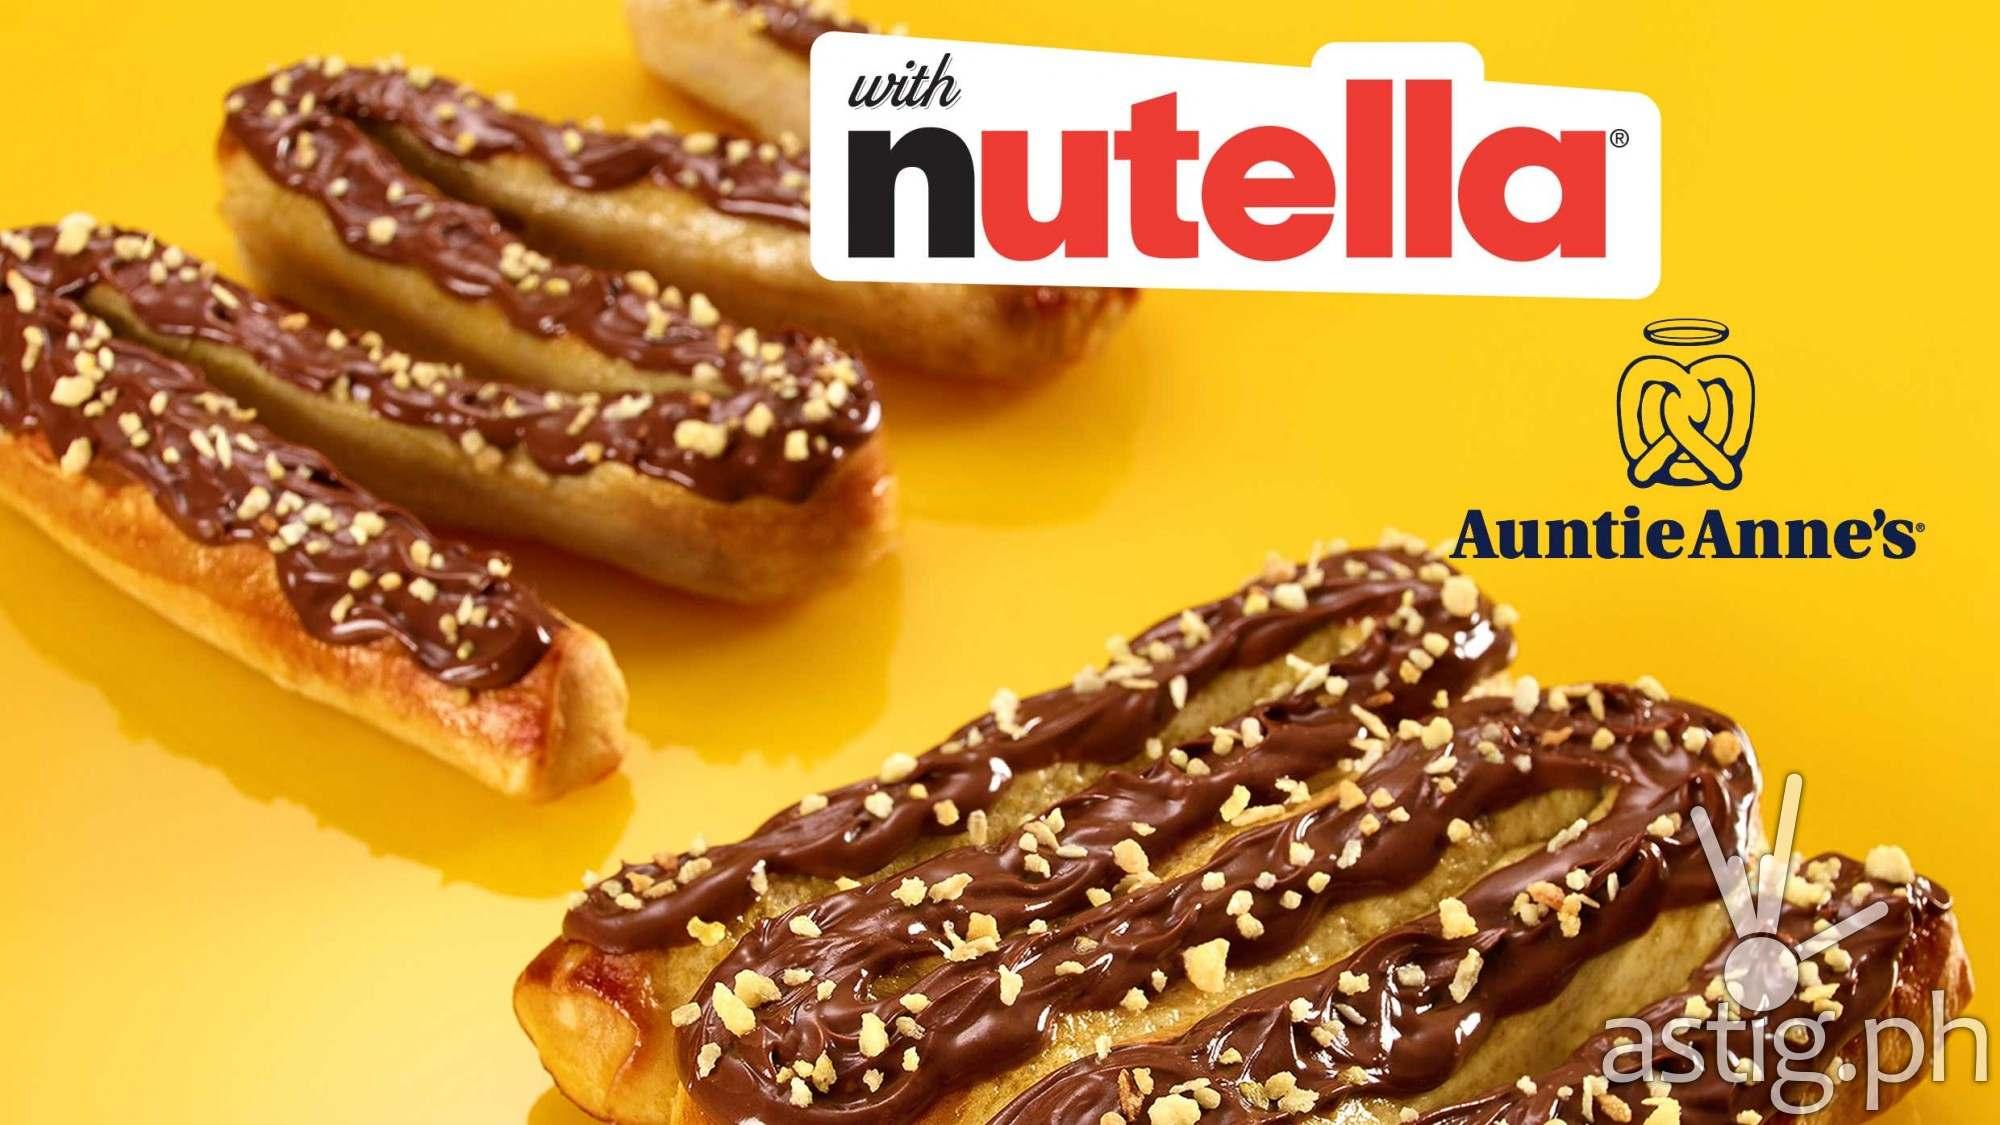 Auntie Anne's Nutella pretzel